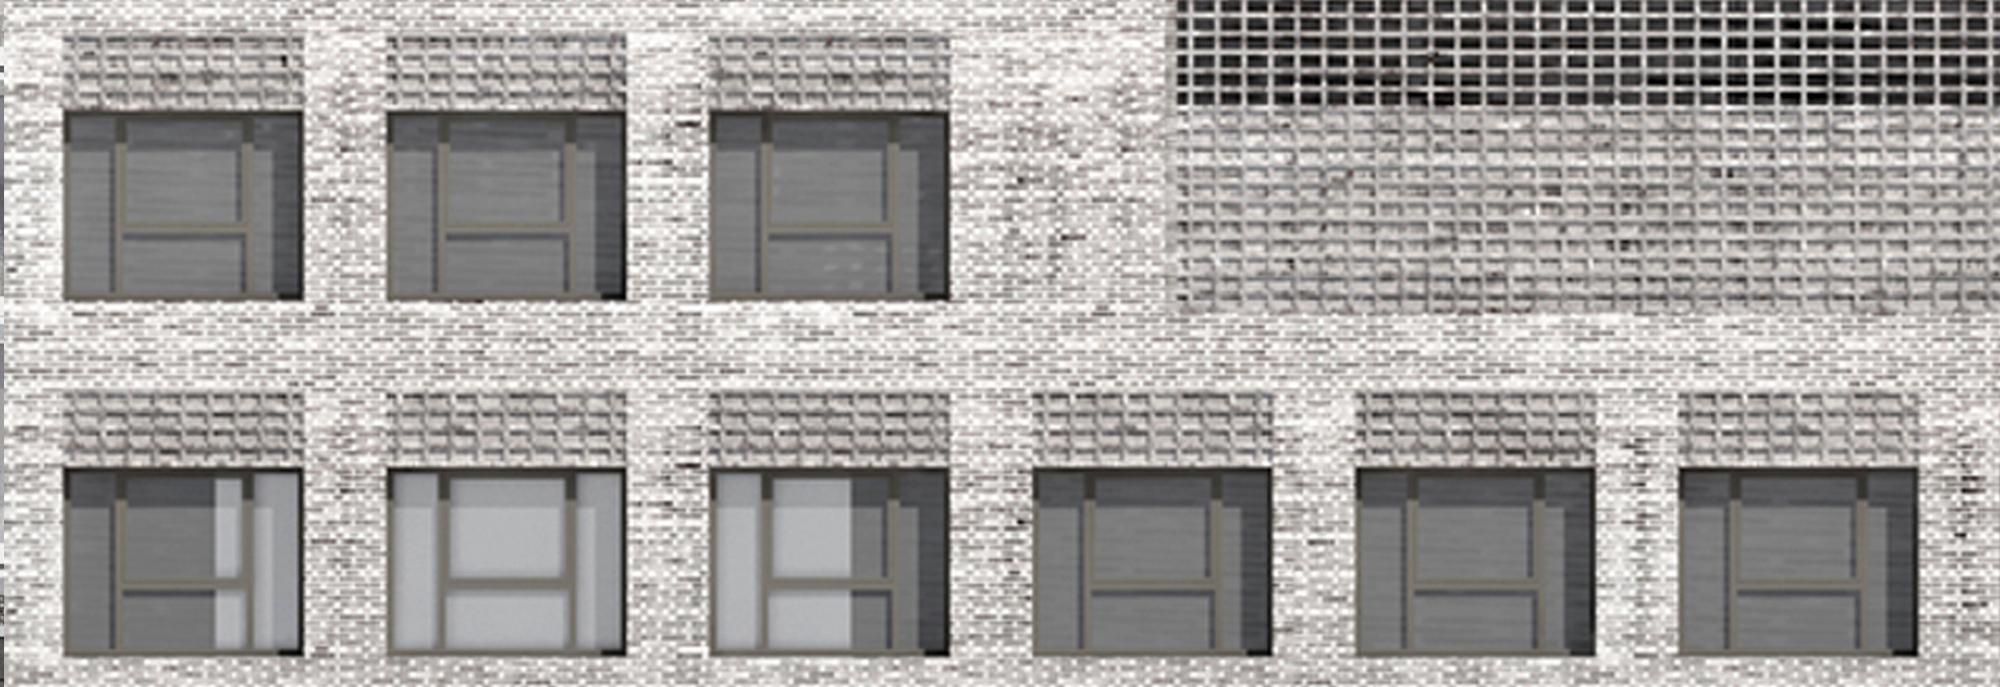 Edificio de oficinas para la Seguridad Social